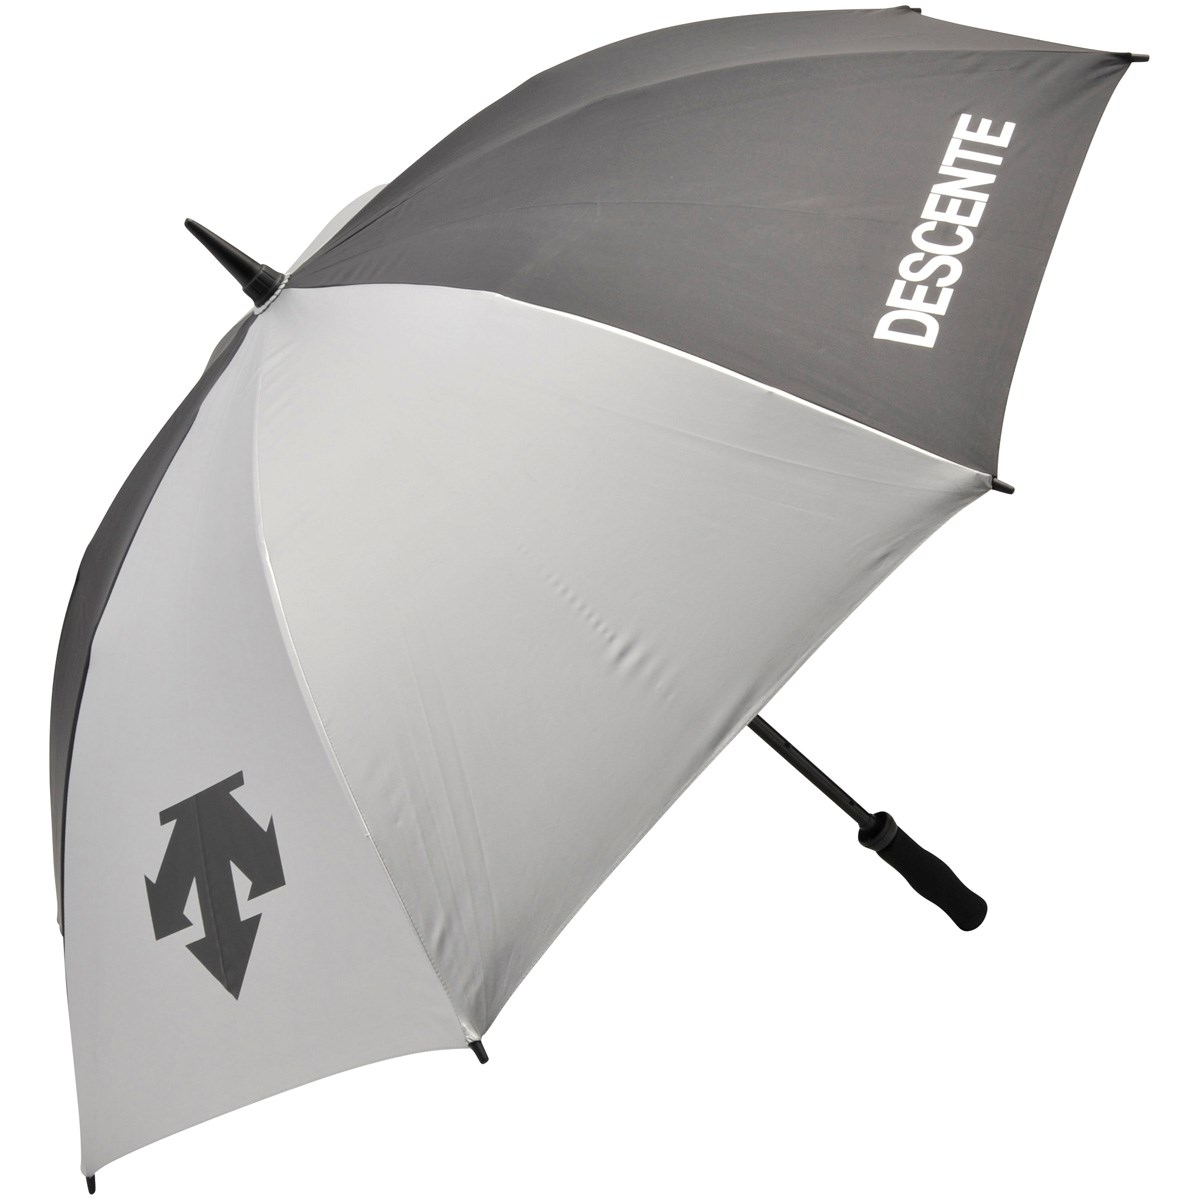 デサントゴルフ(DESCENTE GOLF) 全天候傘